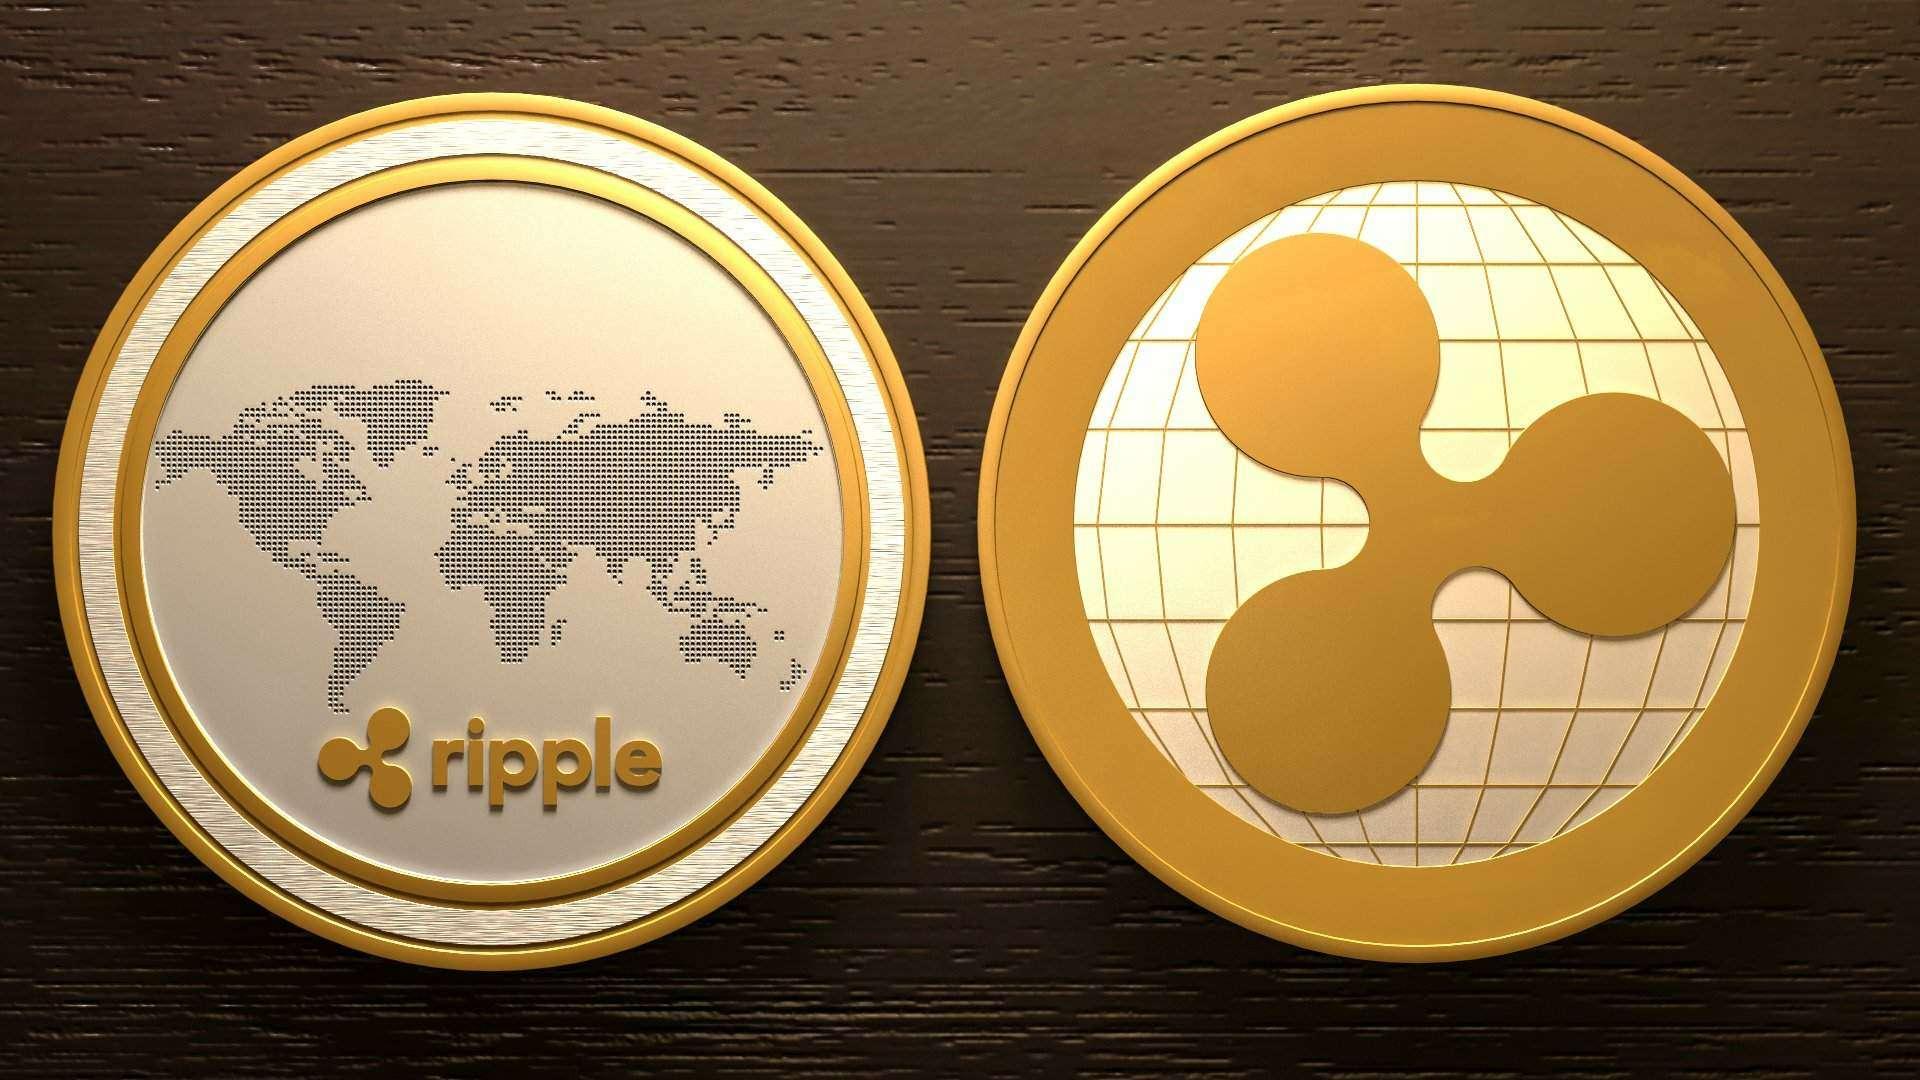 euro ripple kurs